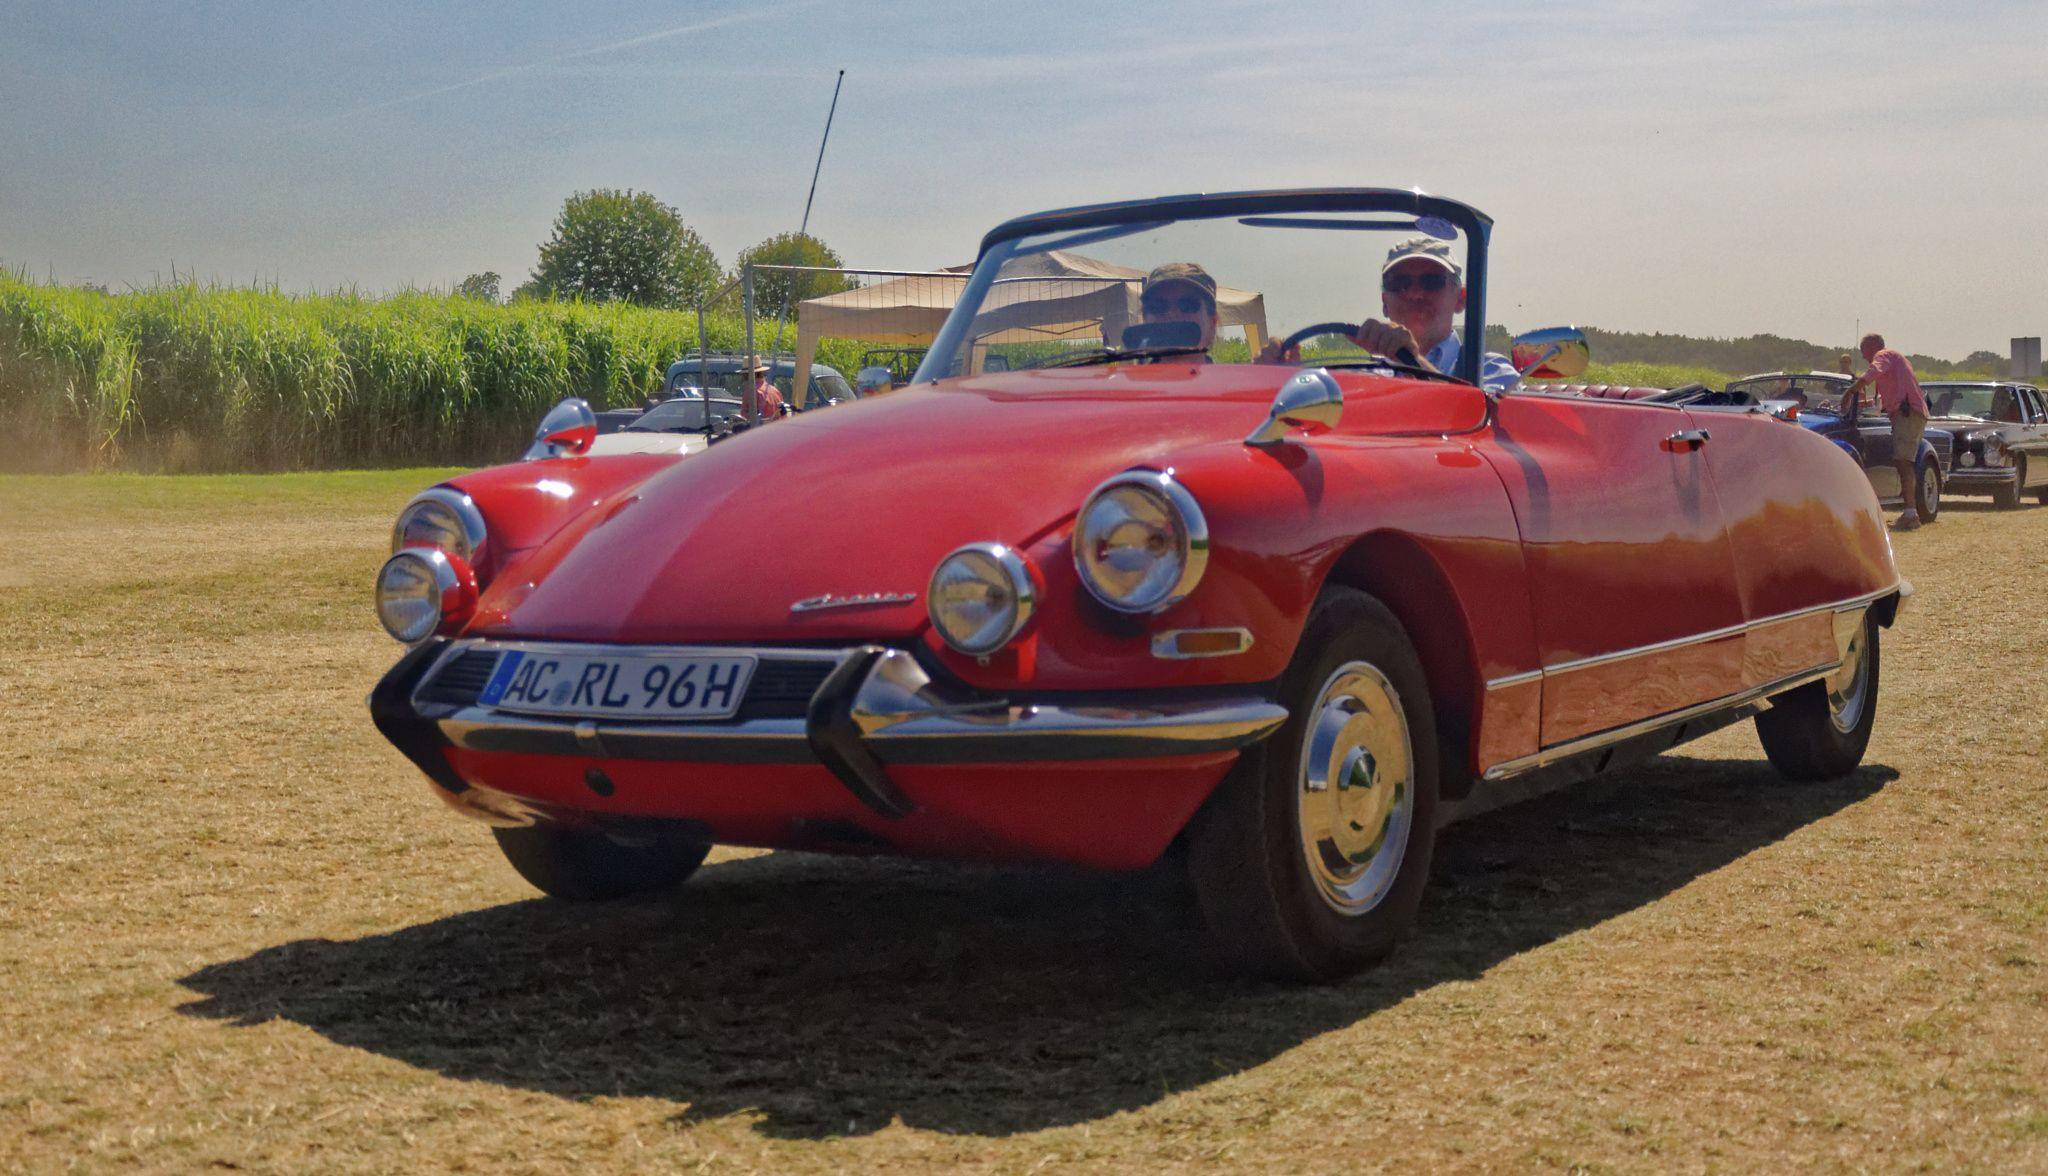 fc7e8a890a6be2d7abd55edea607bfa4 Elegant Ferrari F 108 Al-mondial 8 Cars Trend